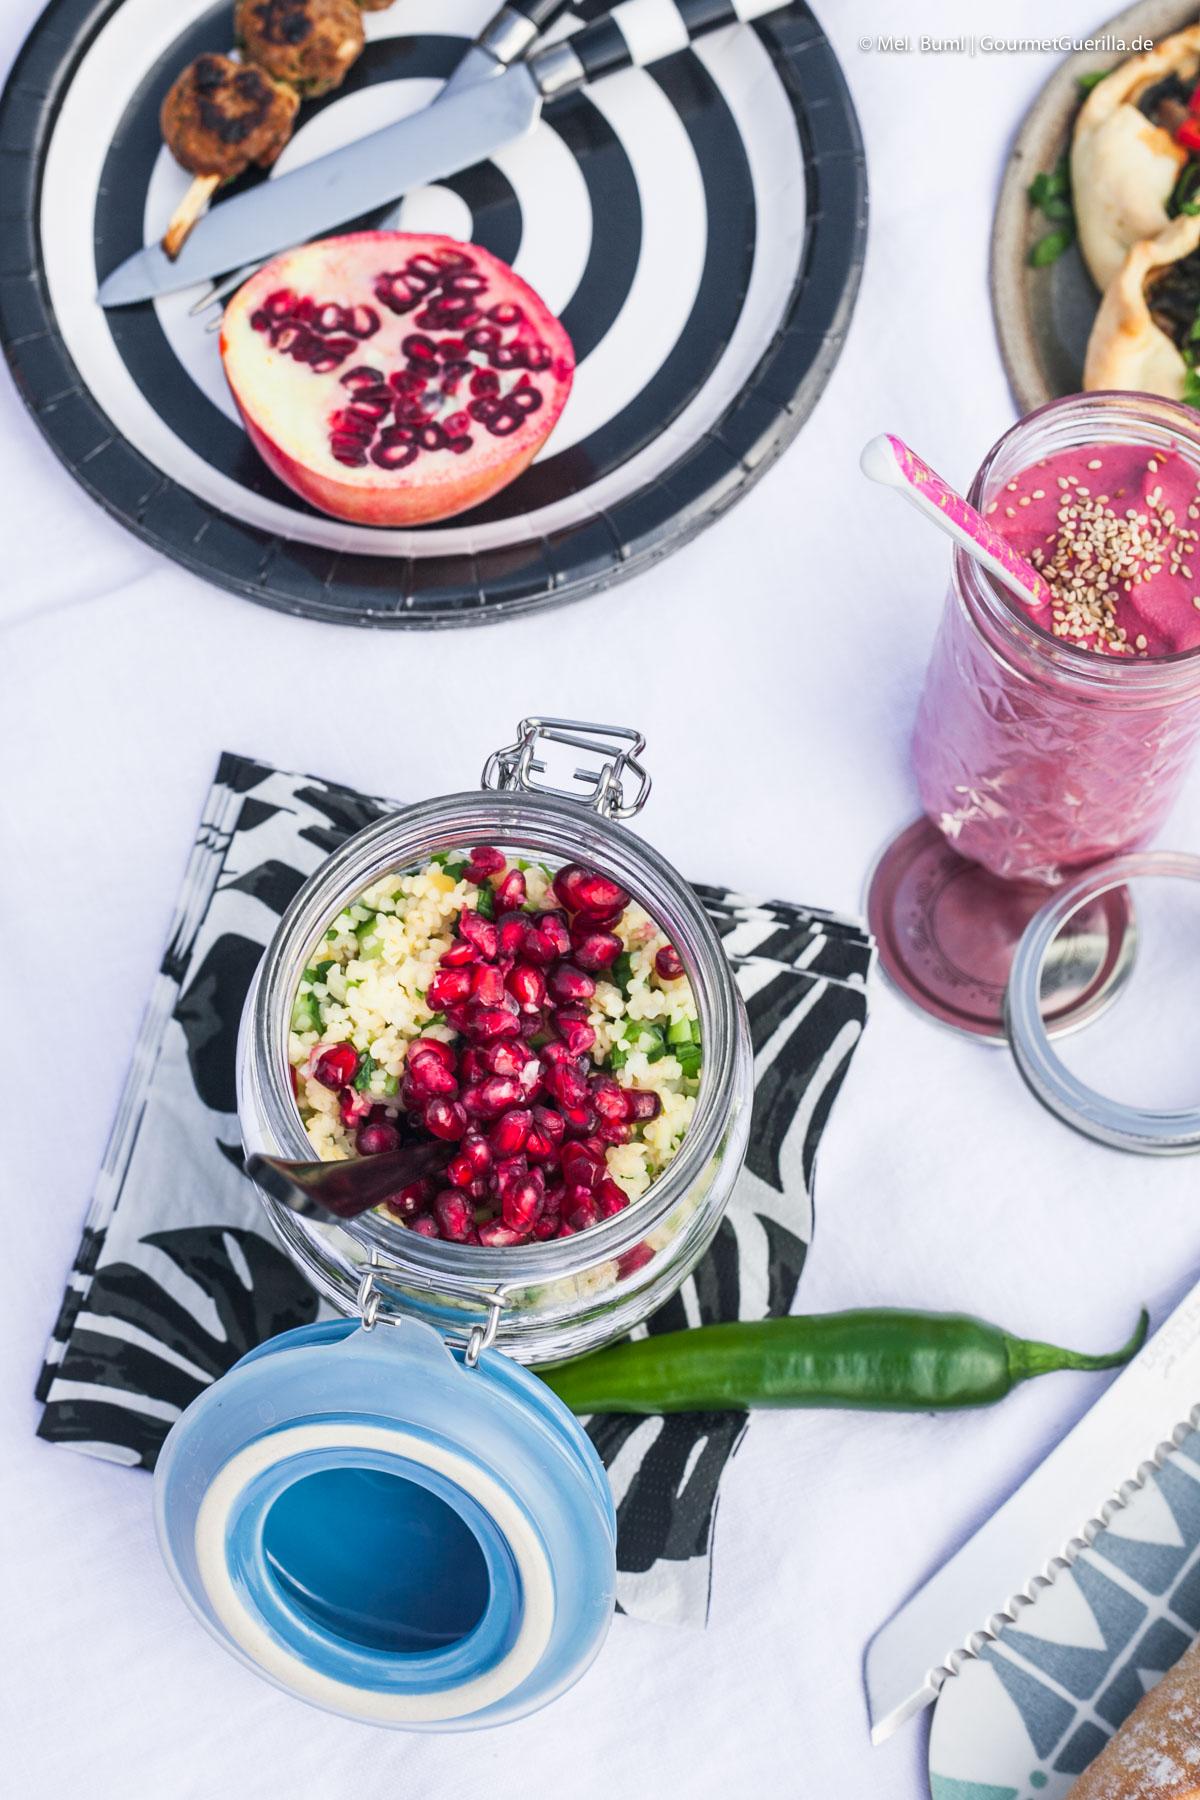 Grüner Bulger-Salat mit Granatapfel - Ein Picknick für zwei mit vier leckeren Rezeptideen |GourmetGuerilla.de